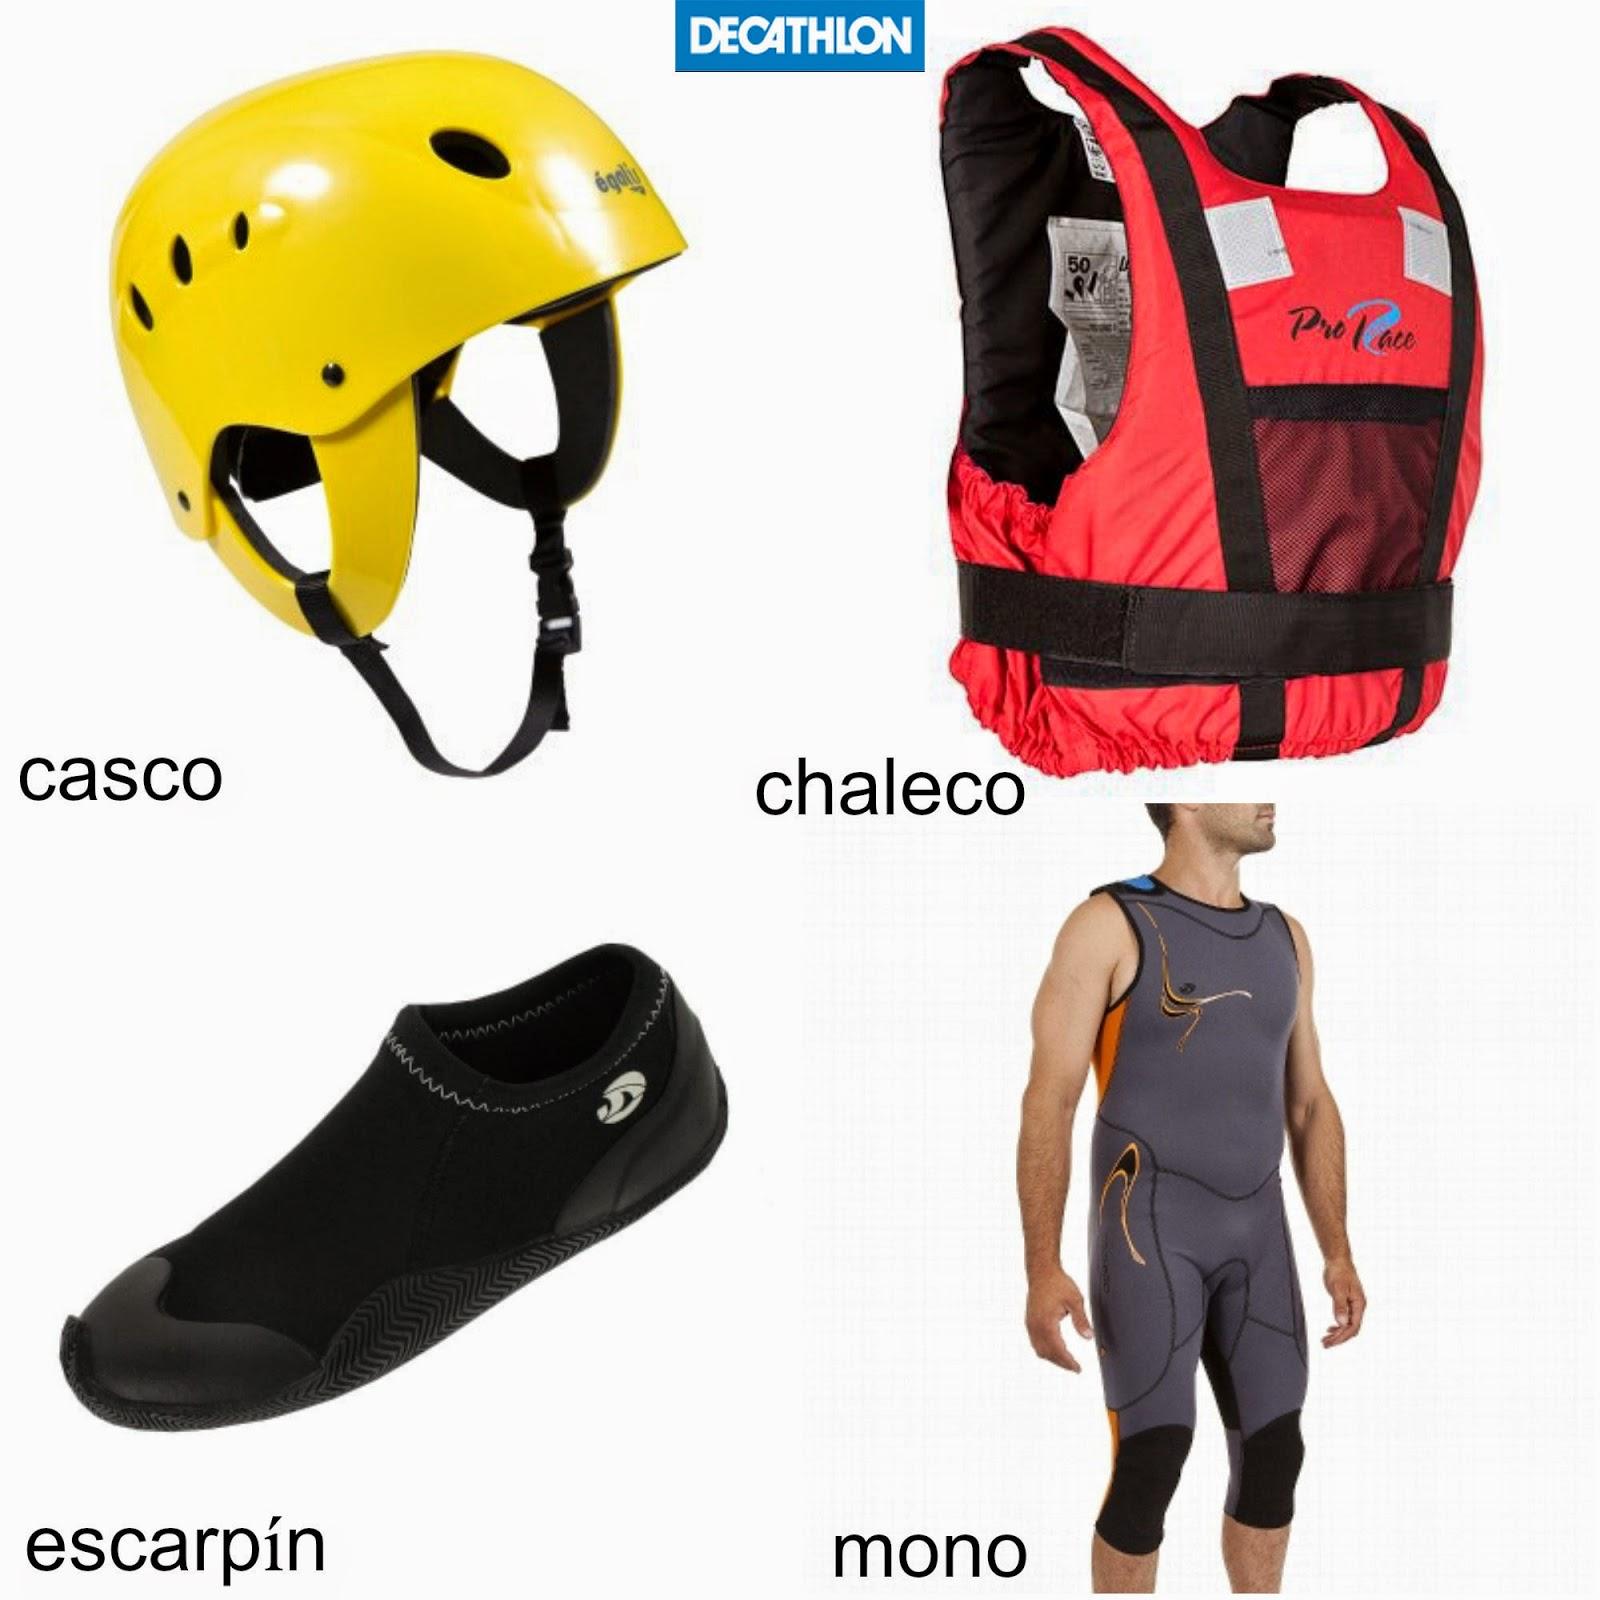 Decathlon Kayak Deporte